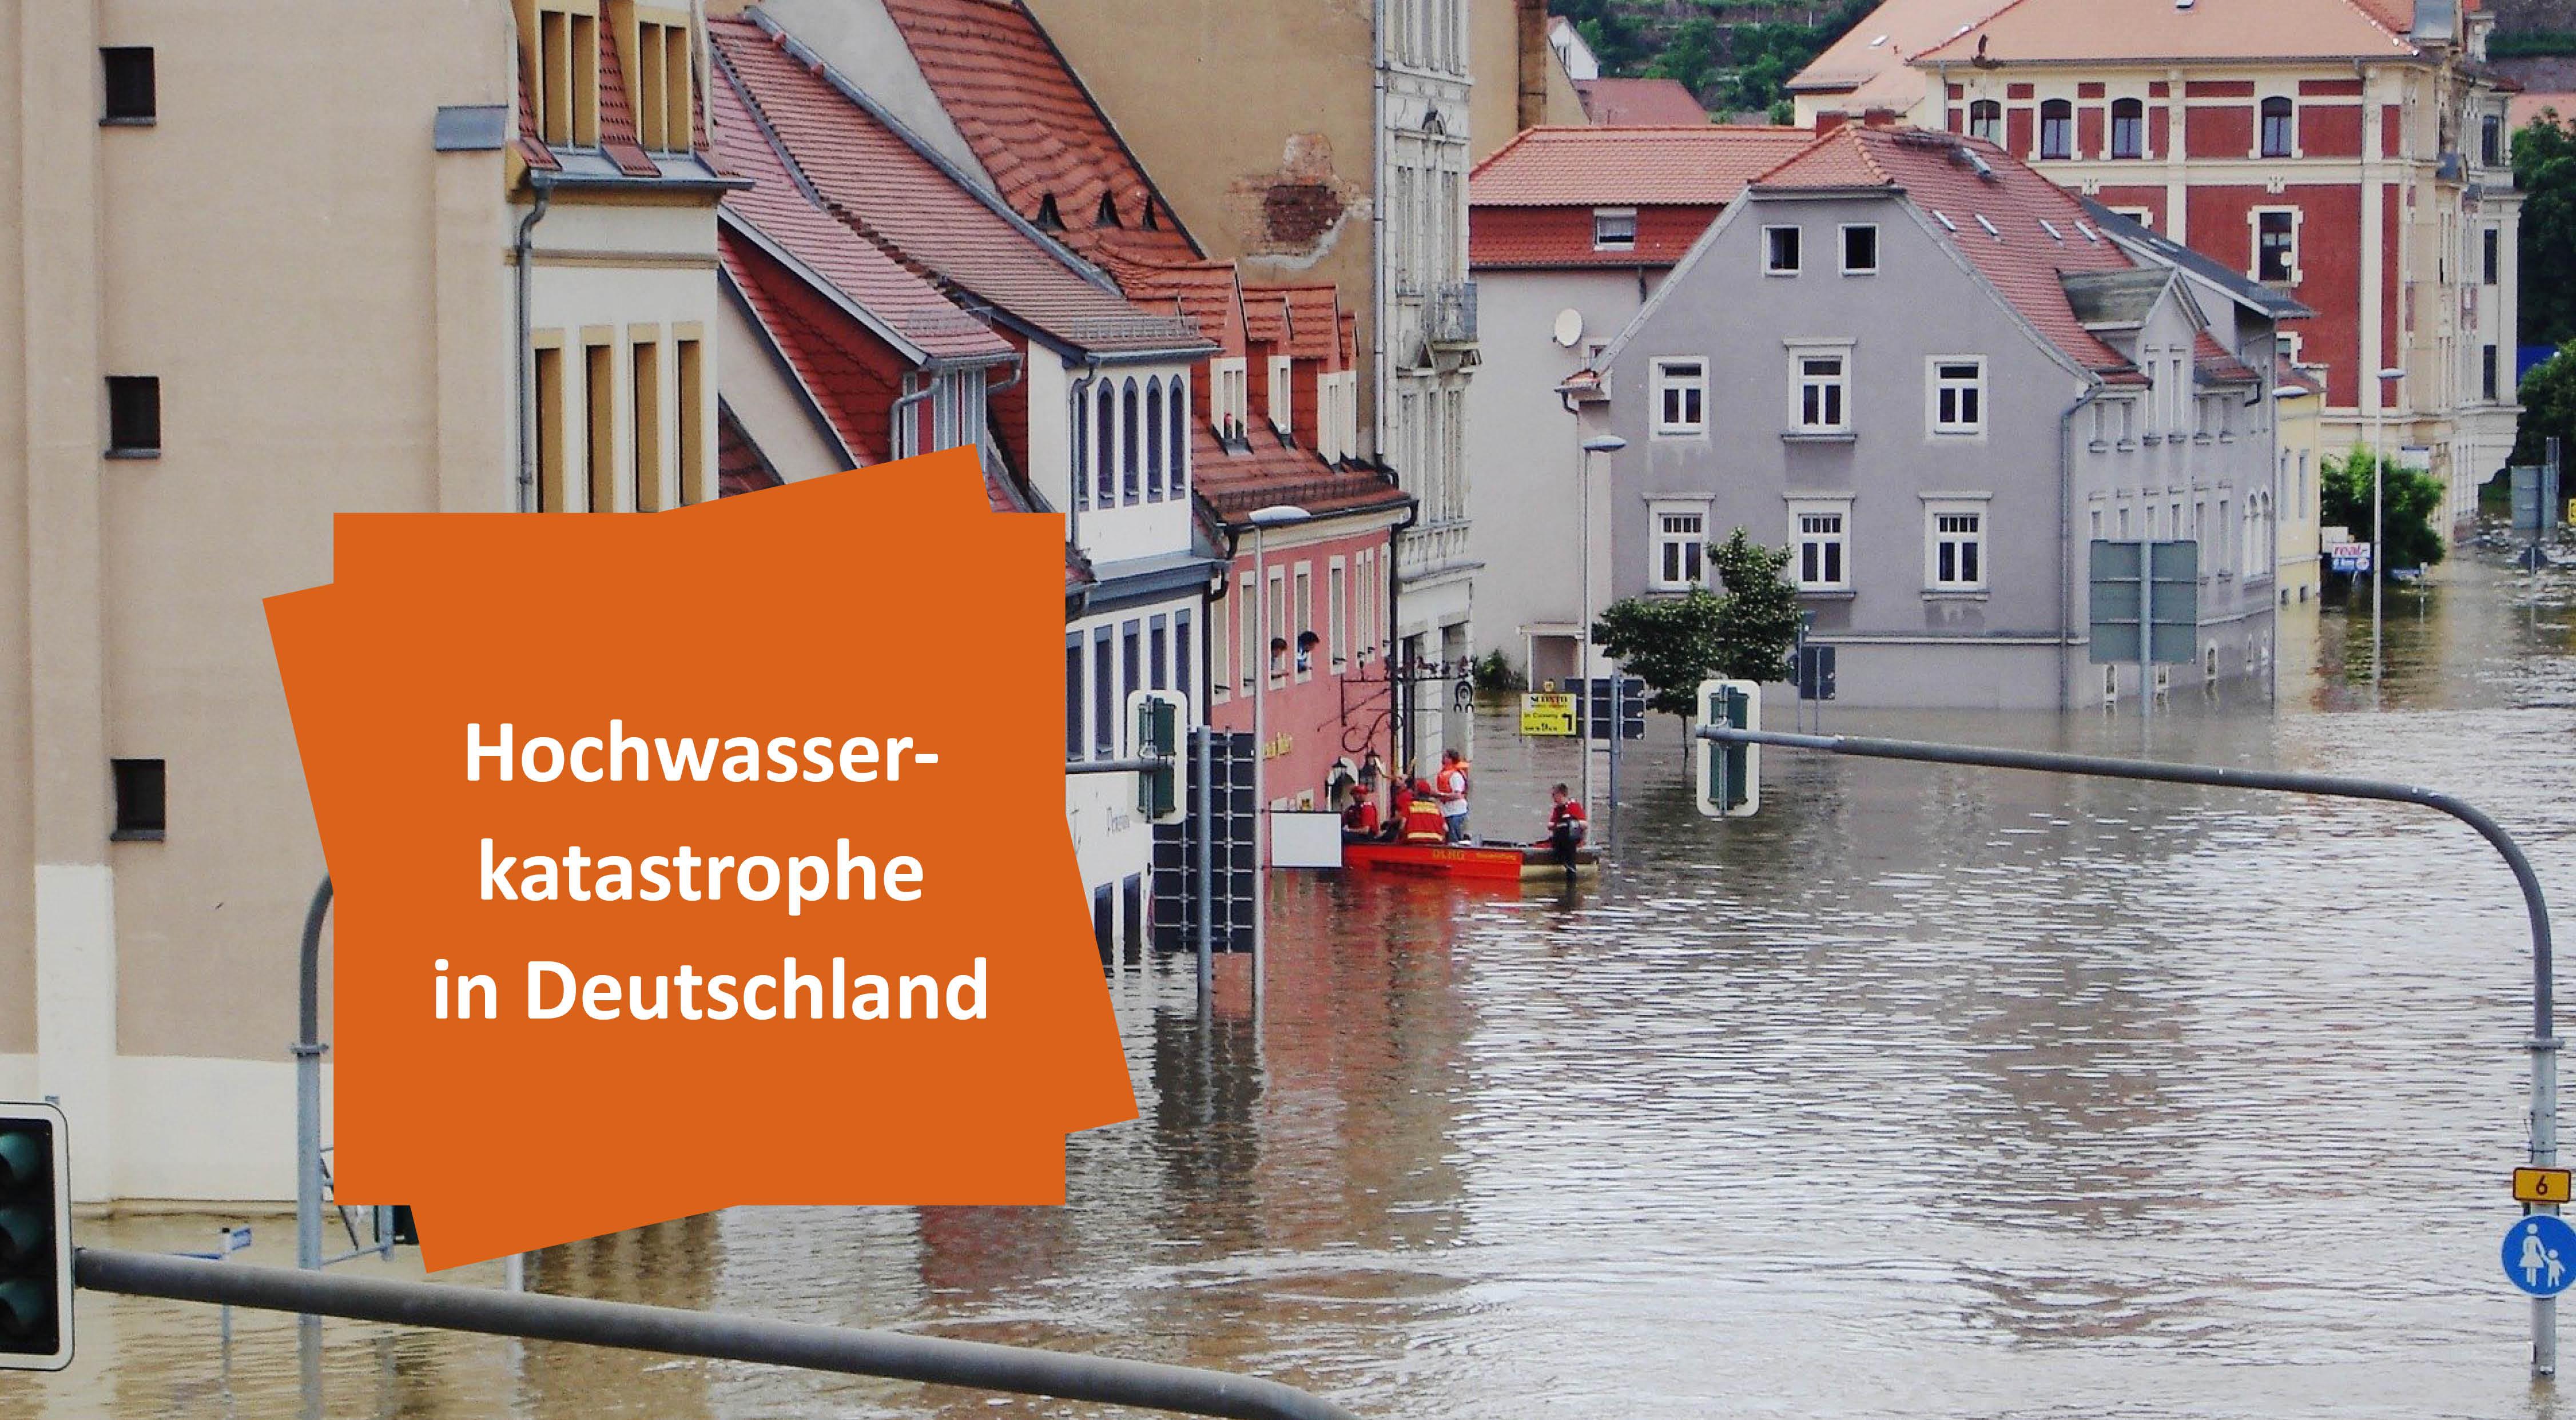 Hochwasserkatastrophe in Deutschland